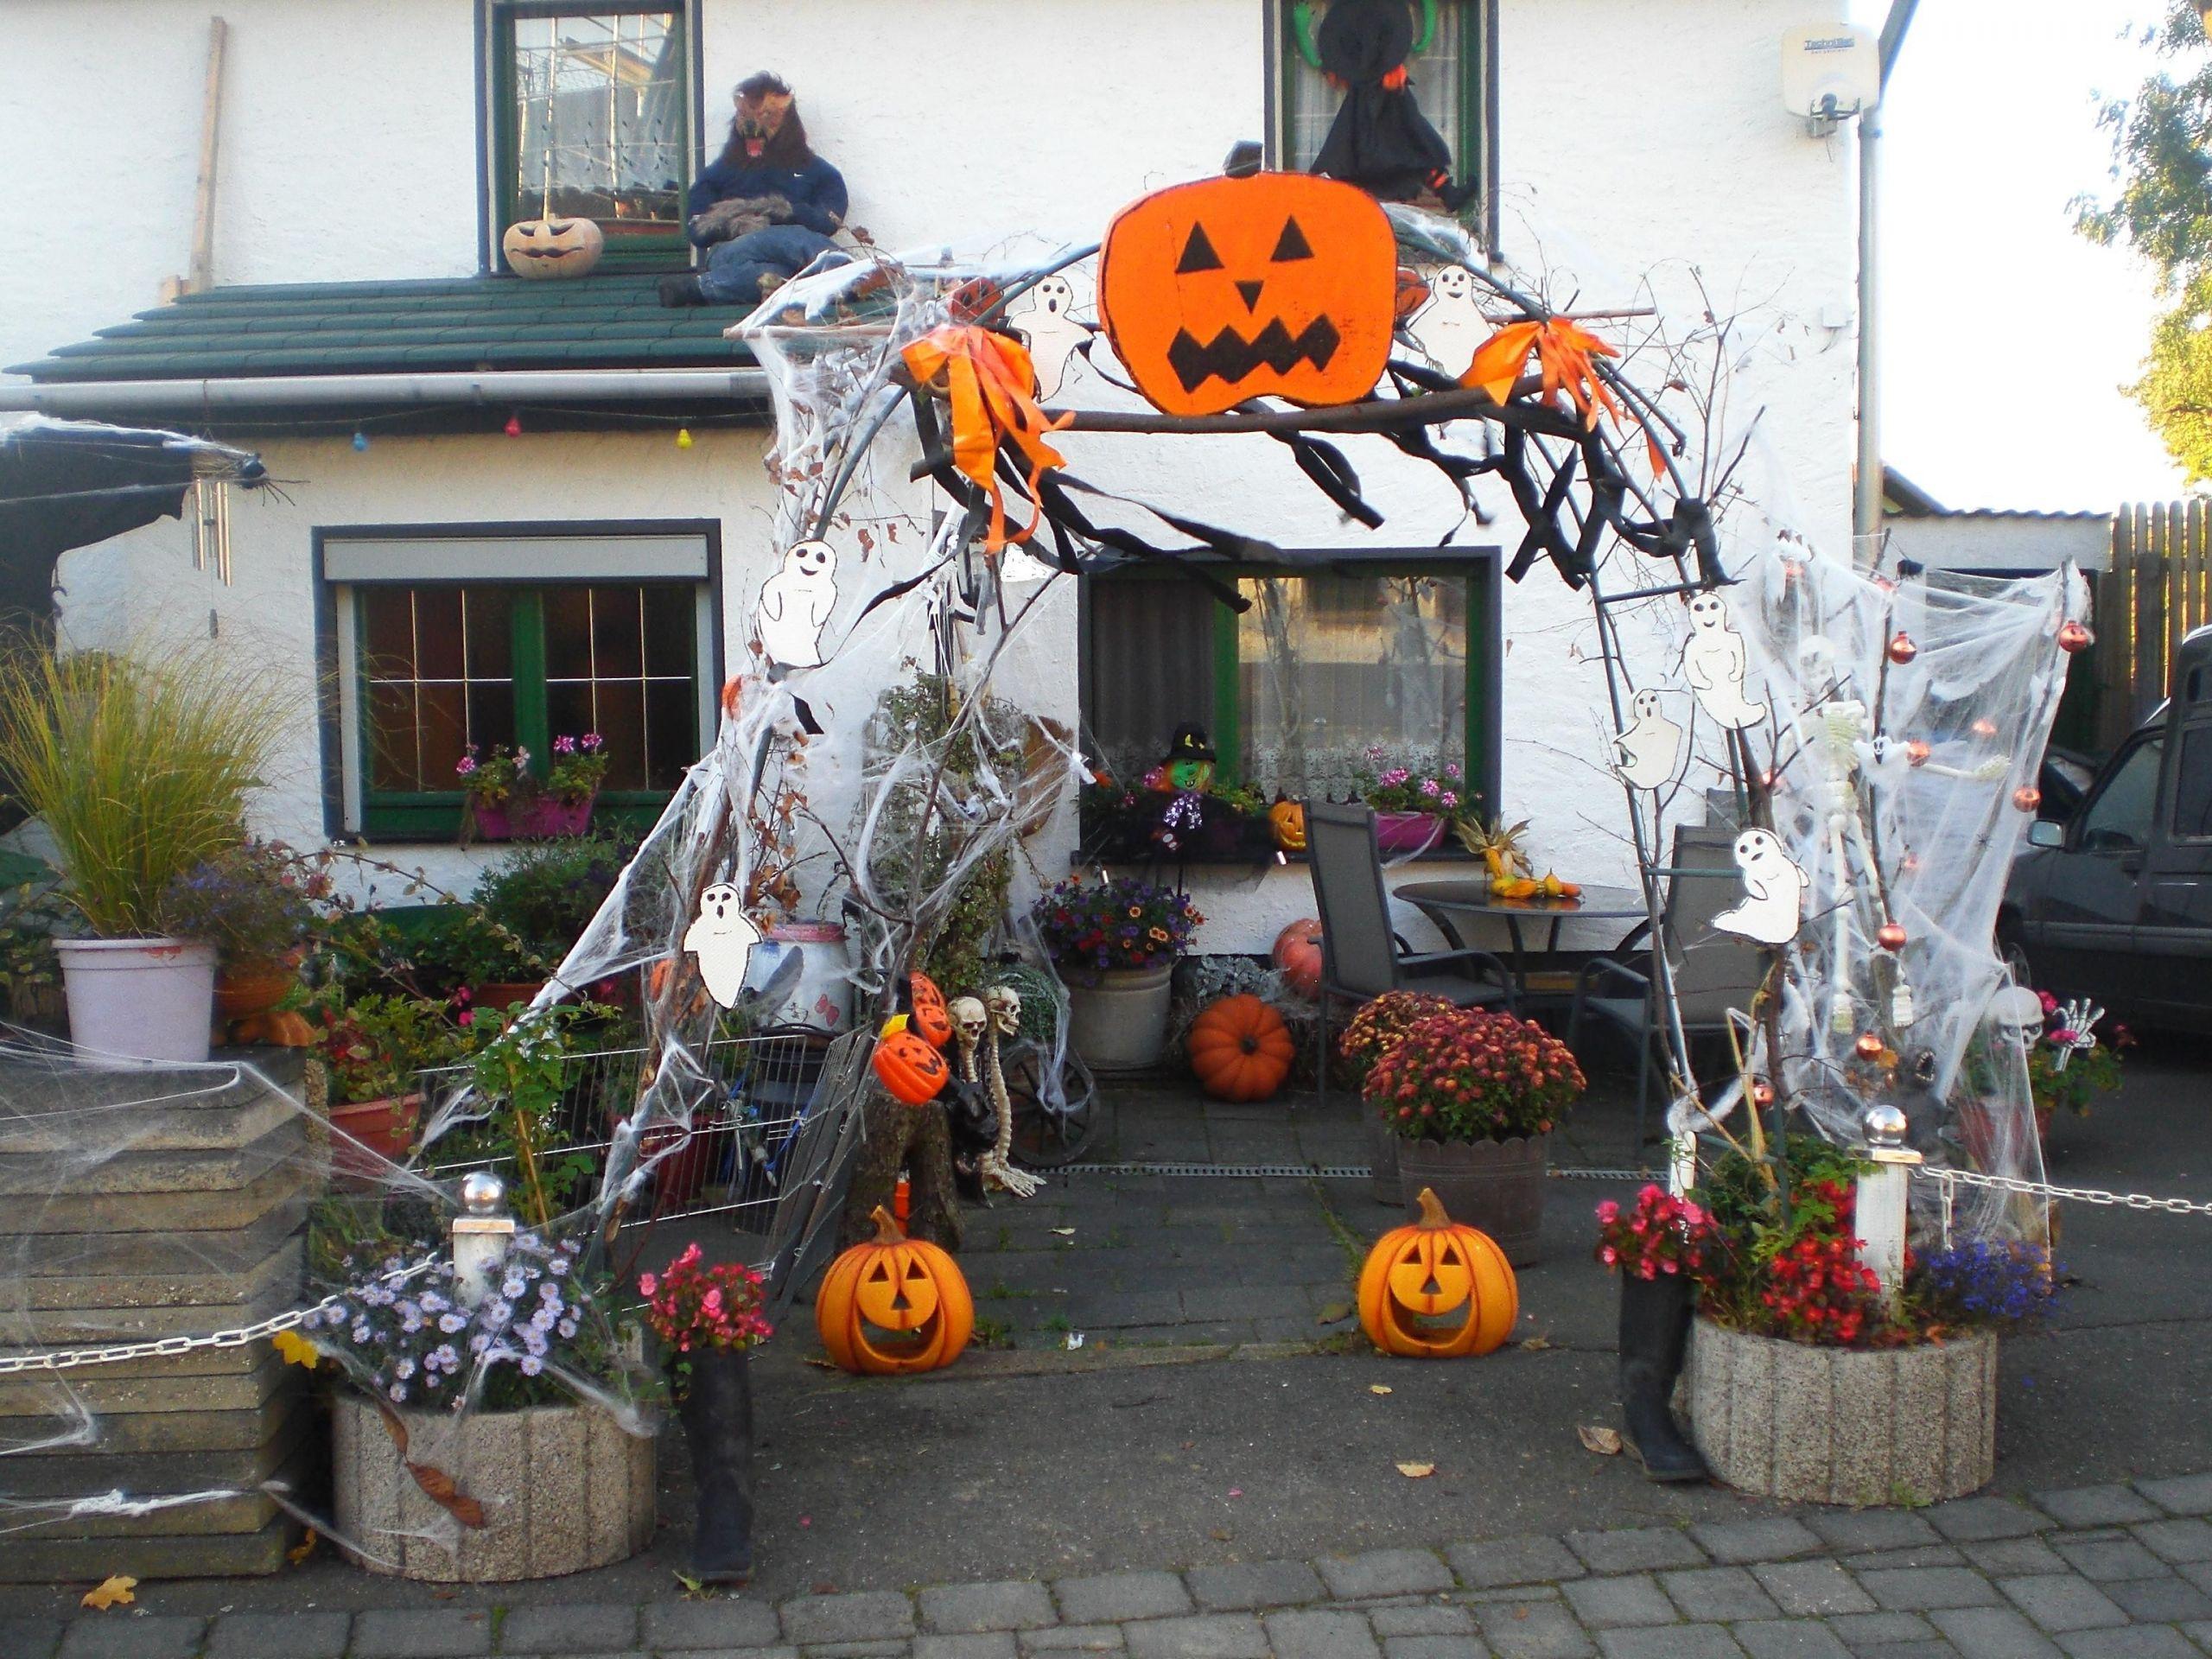 Halloween Deko Aussen Schön Halloween Aussen Deko Yard Outdoor Decoration Werwolf